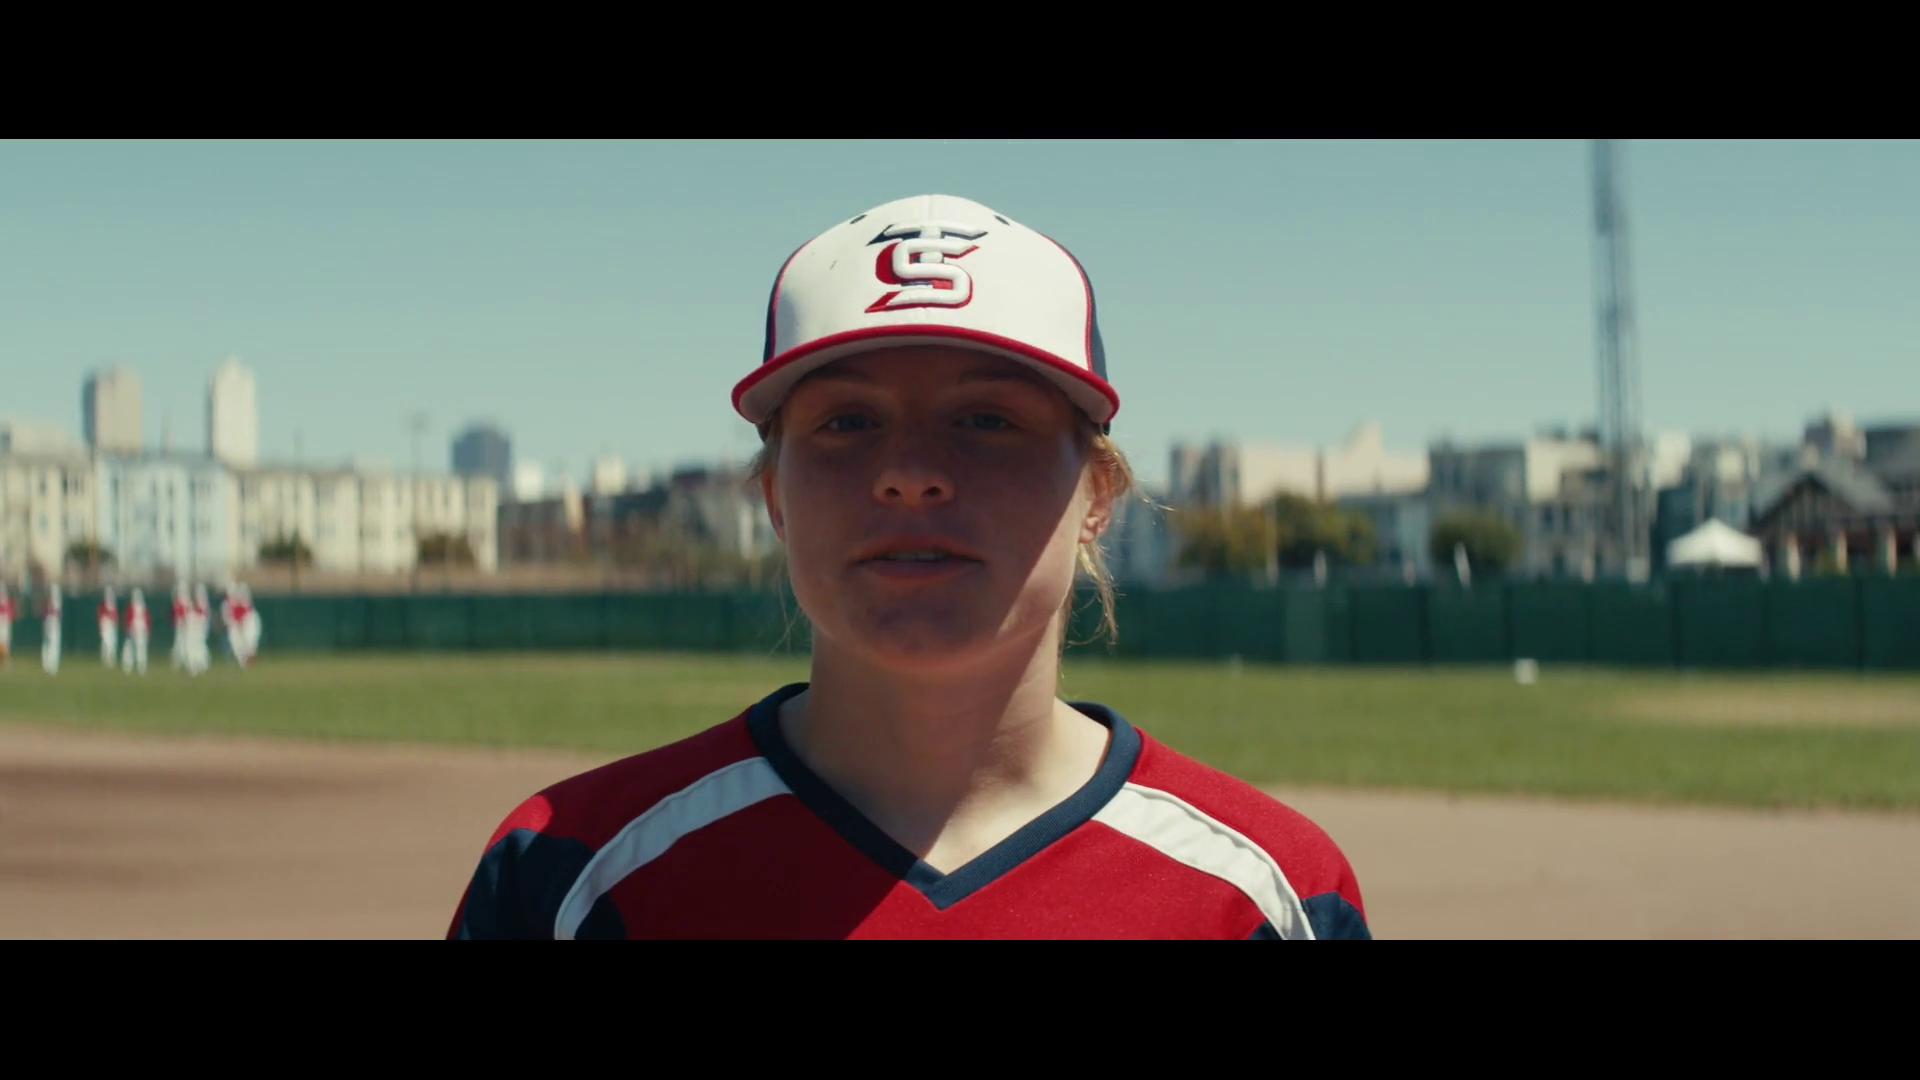 Thumbnail for Baseball for All